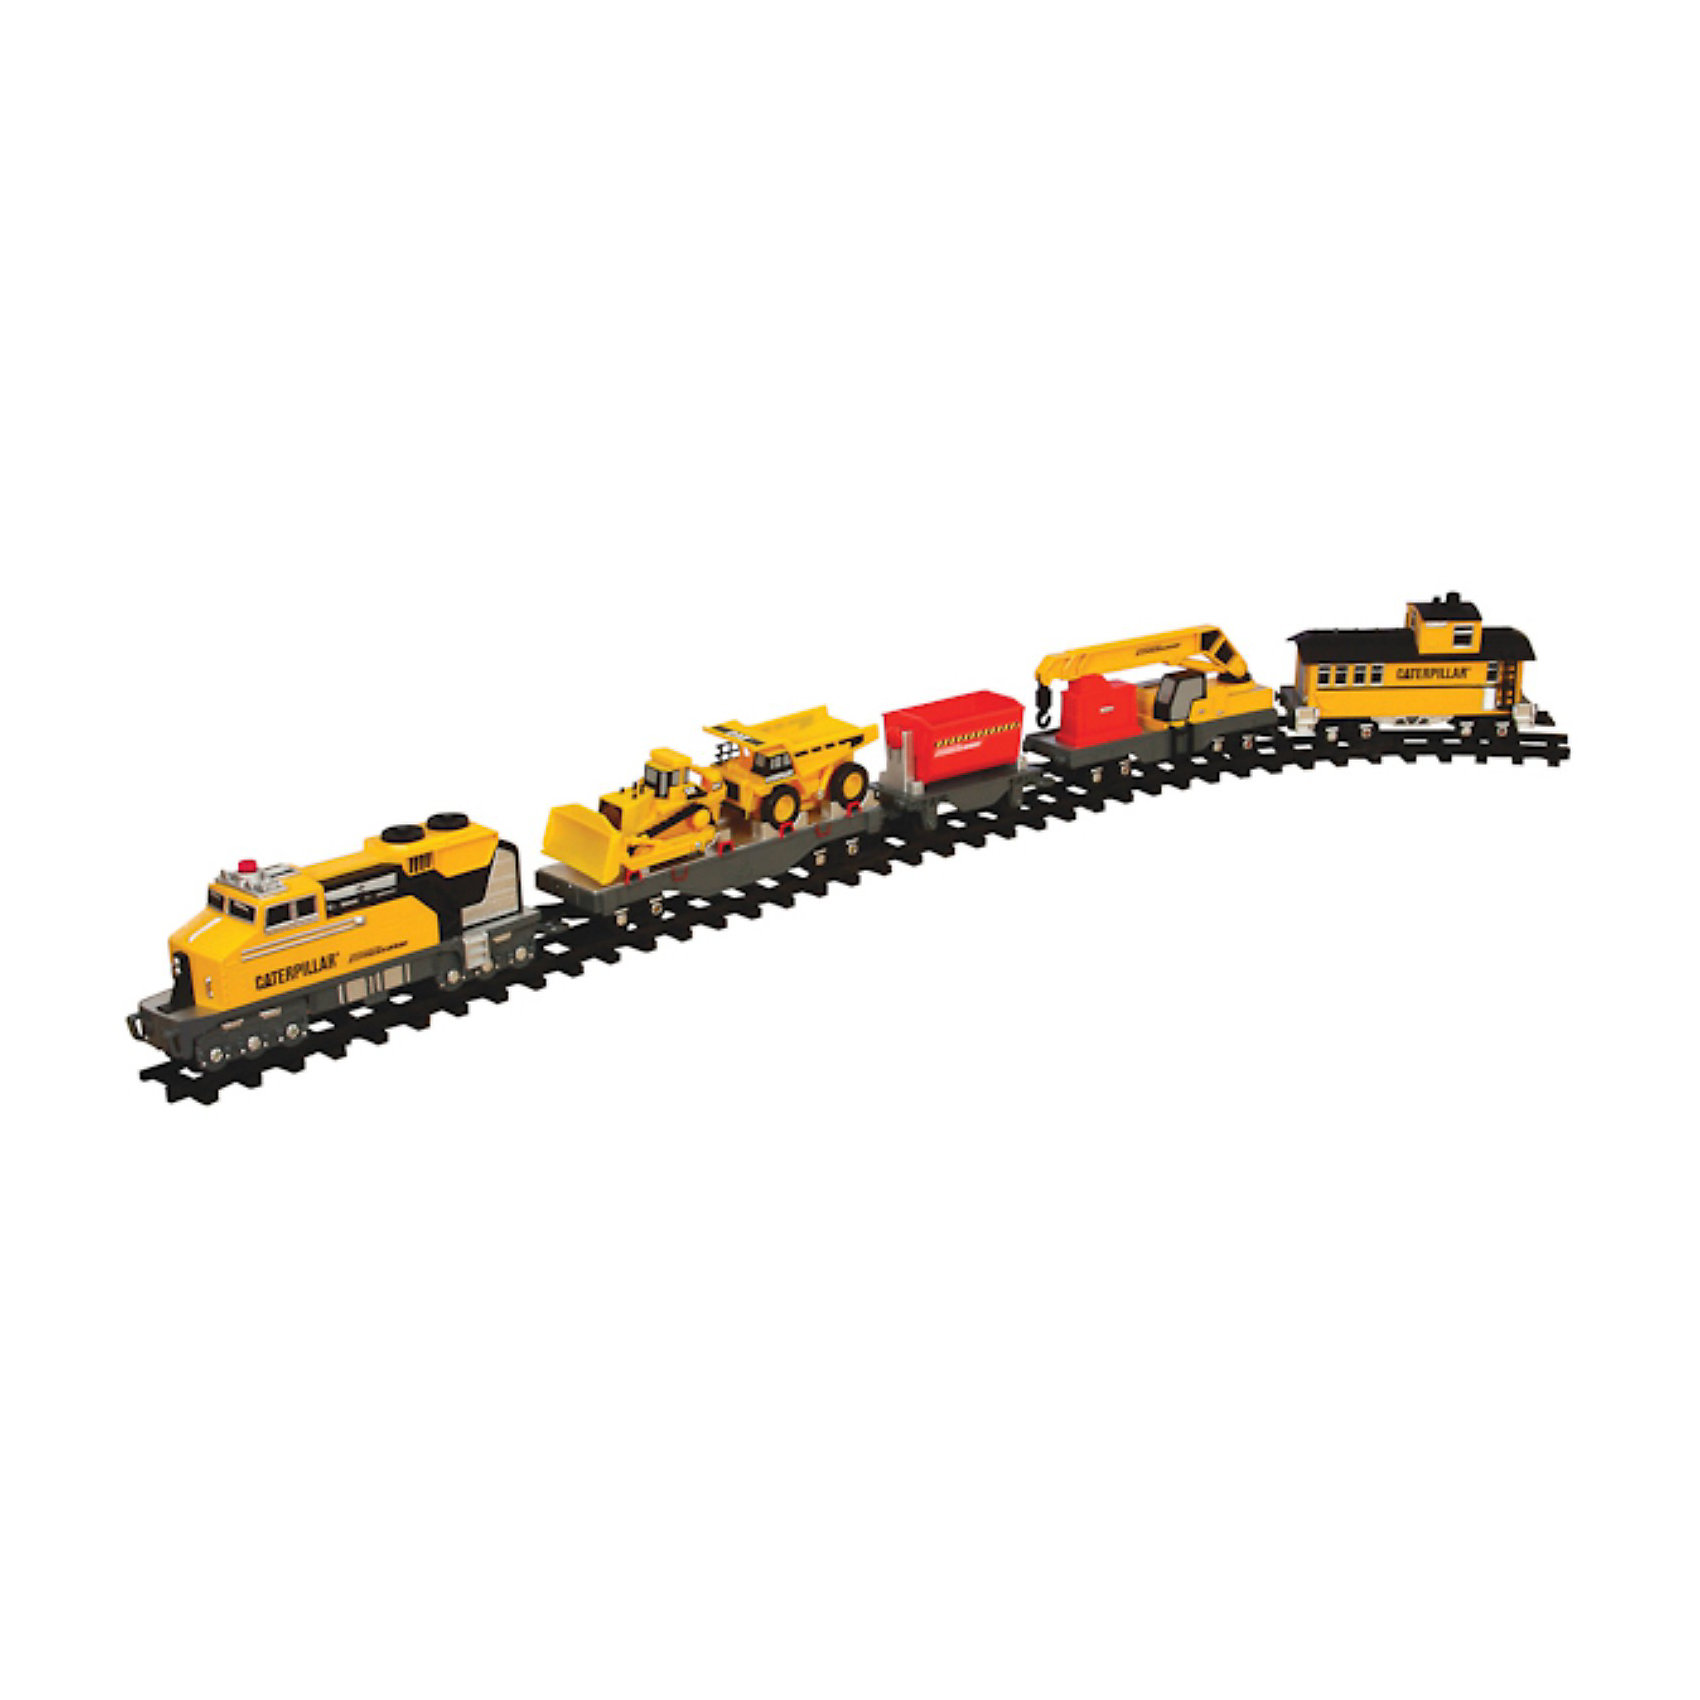 Железная дорога со строительной техникой, ToystateИгрушечная железная дорога<br>Игрушечная железная дорога одна из самых любимых детских игрушек. Собрать полотно, и запустить по нему локомотив с вагонами мечта любого мальчишки. В  набор строительного поезда помимо локомотива входит платформа для перевозки техники, опорный кран, саморазгружающийся вагон и вагон для рабочих. На платформе установлена строительная техника - самосвал и бульдозер. При необходимости их можно снять и играть ими отдельно. Длина железной дороги составляет 4 метра. Игрушка выполнена из высококачественного, нетоксичного и прочного материала, что гарантирует безопасность вашего ребенка. <br><br>Дополнительная информация:<br><br>- В комплекте: электропоезд, 4 метра железнодорожного полотна, 2 съемные машины со свободным ходом колес, опорный кран, саморазгружающийся грузовой вагон с двумя камнями<br>- Работает от батареек типа ААА (3 шт.) - в комплект не входят<br>- Материал: металл, пластмасса<br>- Размер коробки: 19x54x31 см.<br><br>Железную дорогу со строительной техникой, Toystate можно купить в нашем интернет-магазине.<br><br>Ширина мм: 570<br>Глубина мм: 330<br>Высота мм: 550<br>Вес г: 2730<br>Возраст от месяцев: 24<br>Возраст до месяцев: 60<br>Пол: Мужской<br>Возраст: Детский<br>SKU: 3665520